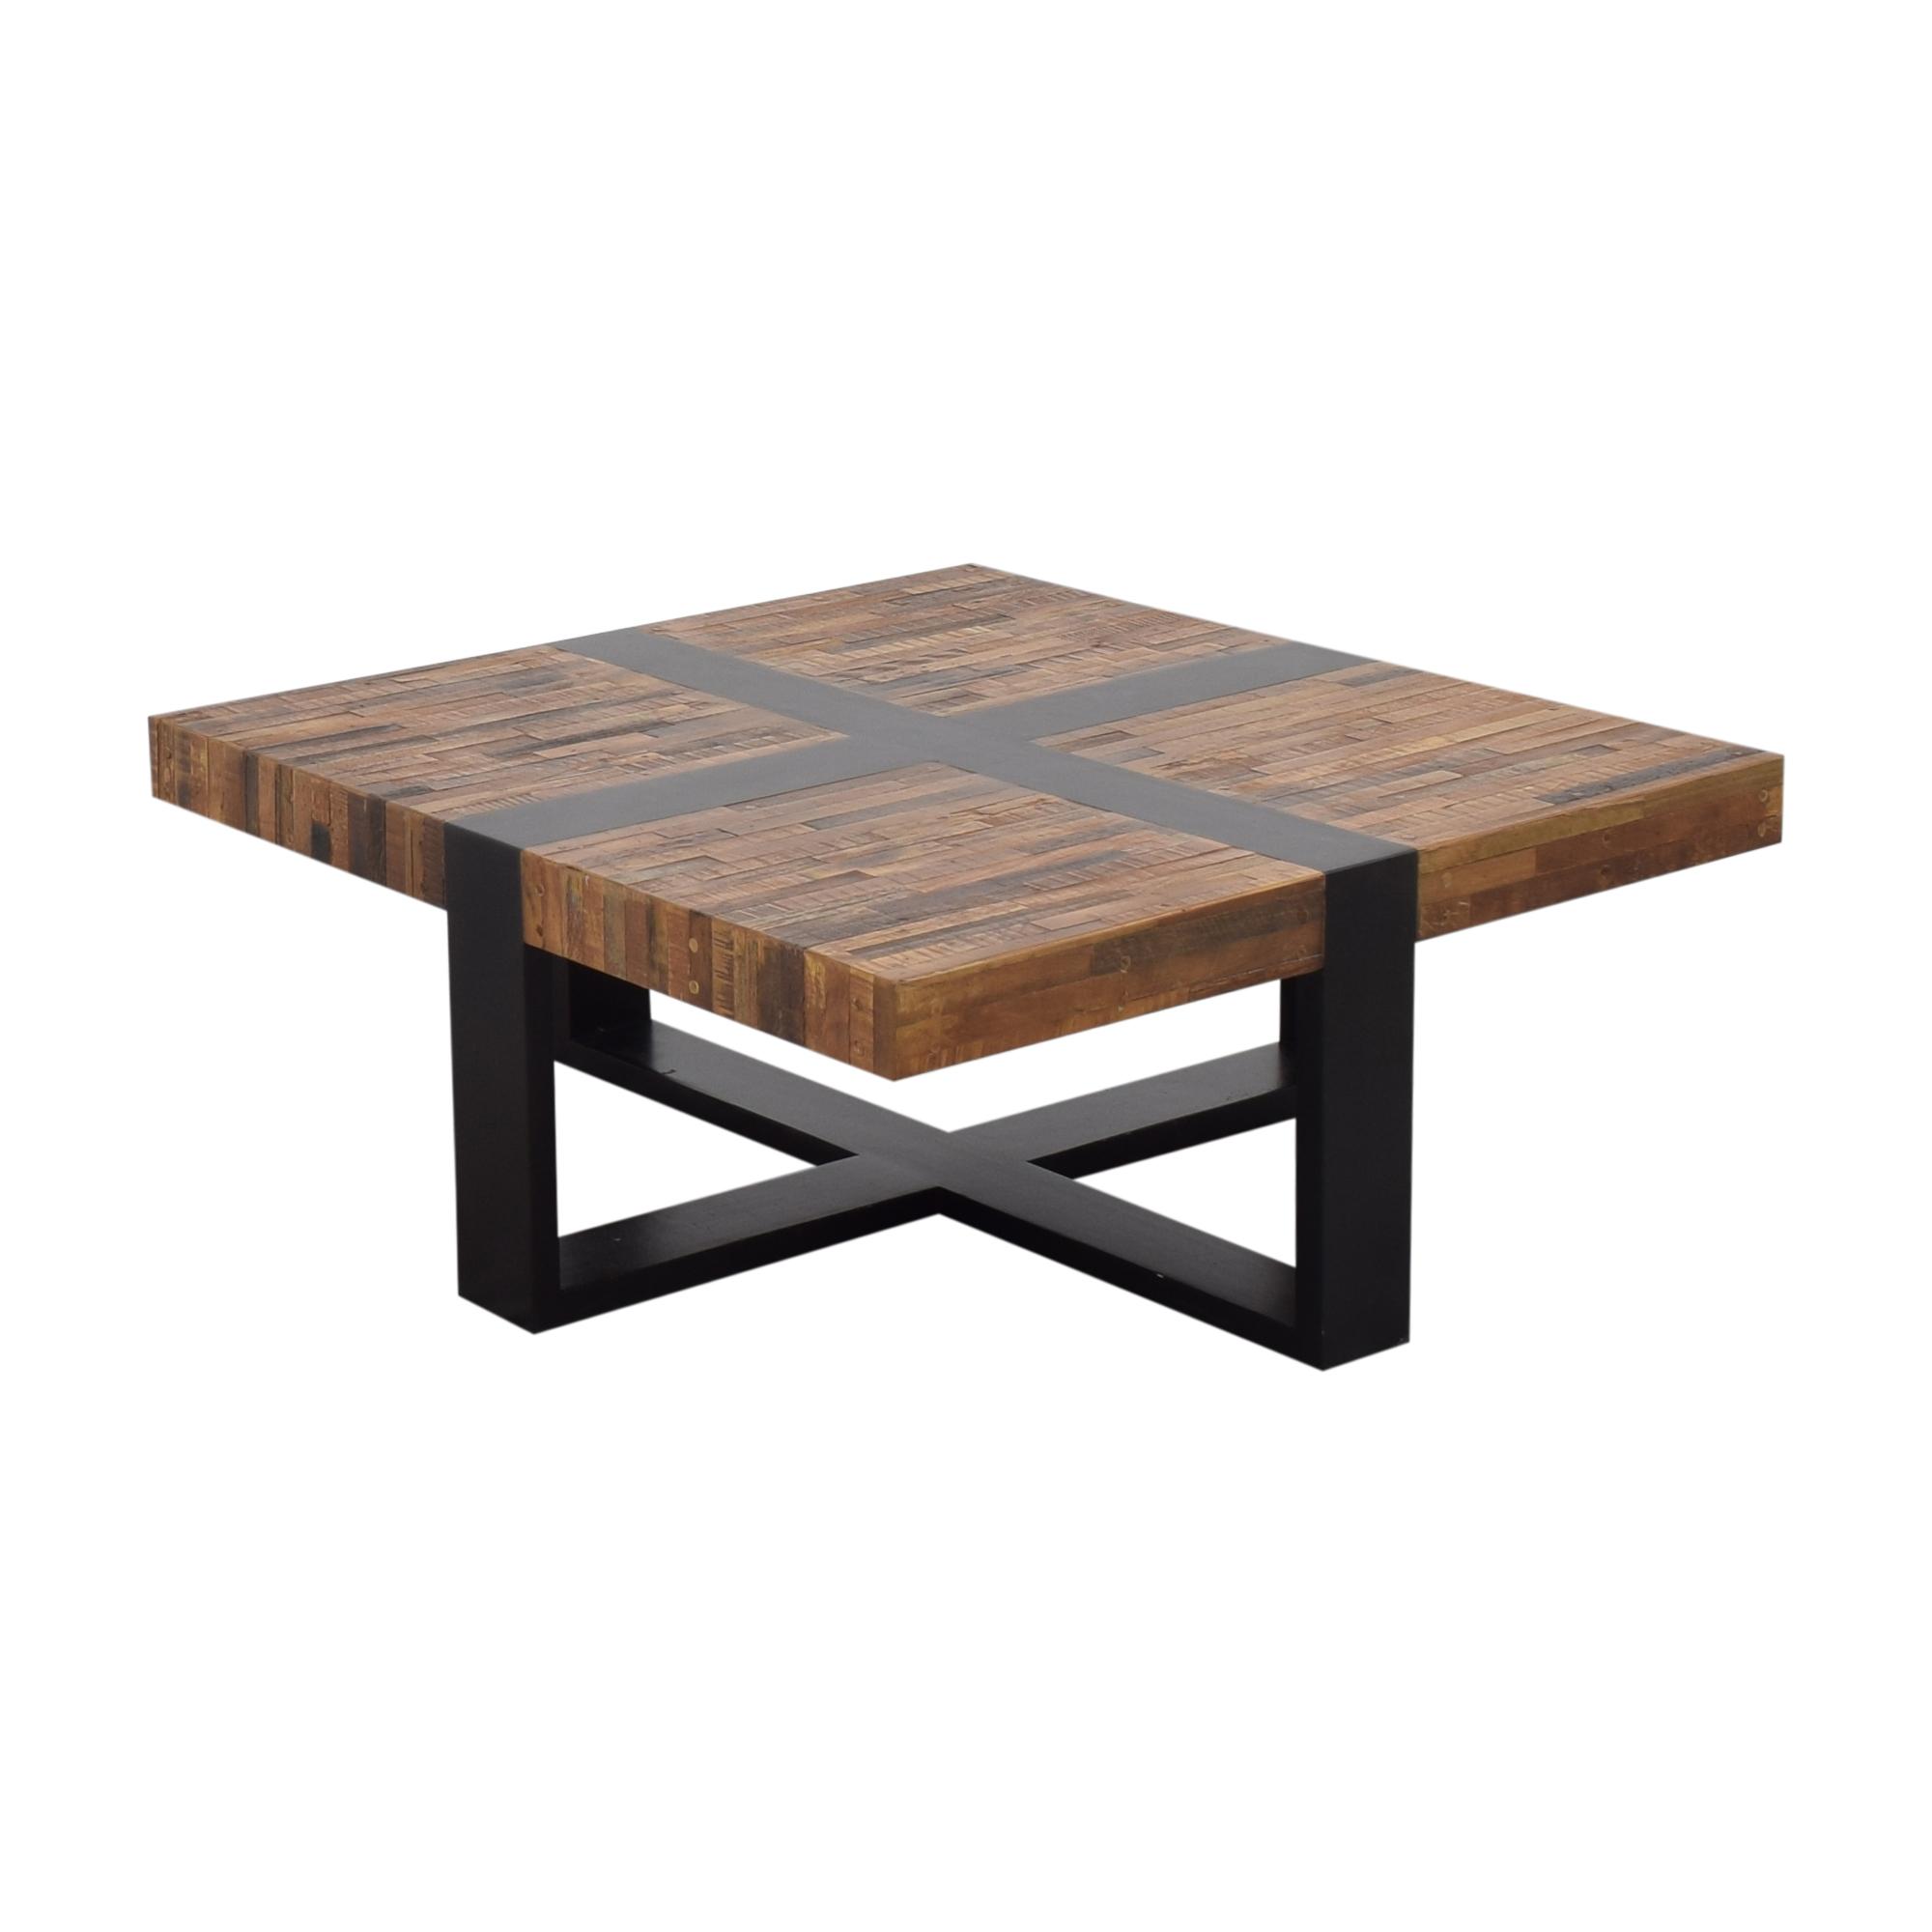 shop Crate & Barrel Seguro Square Coffee Table Crate & Barrel Coffee Tables